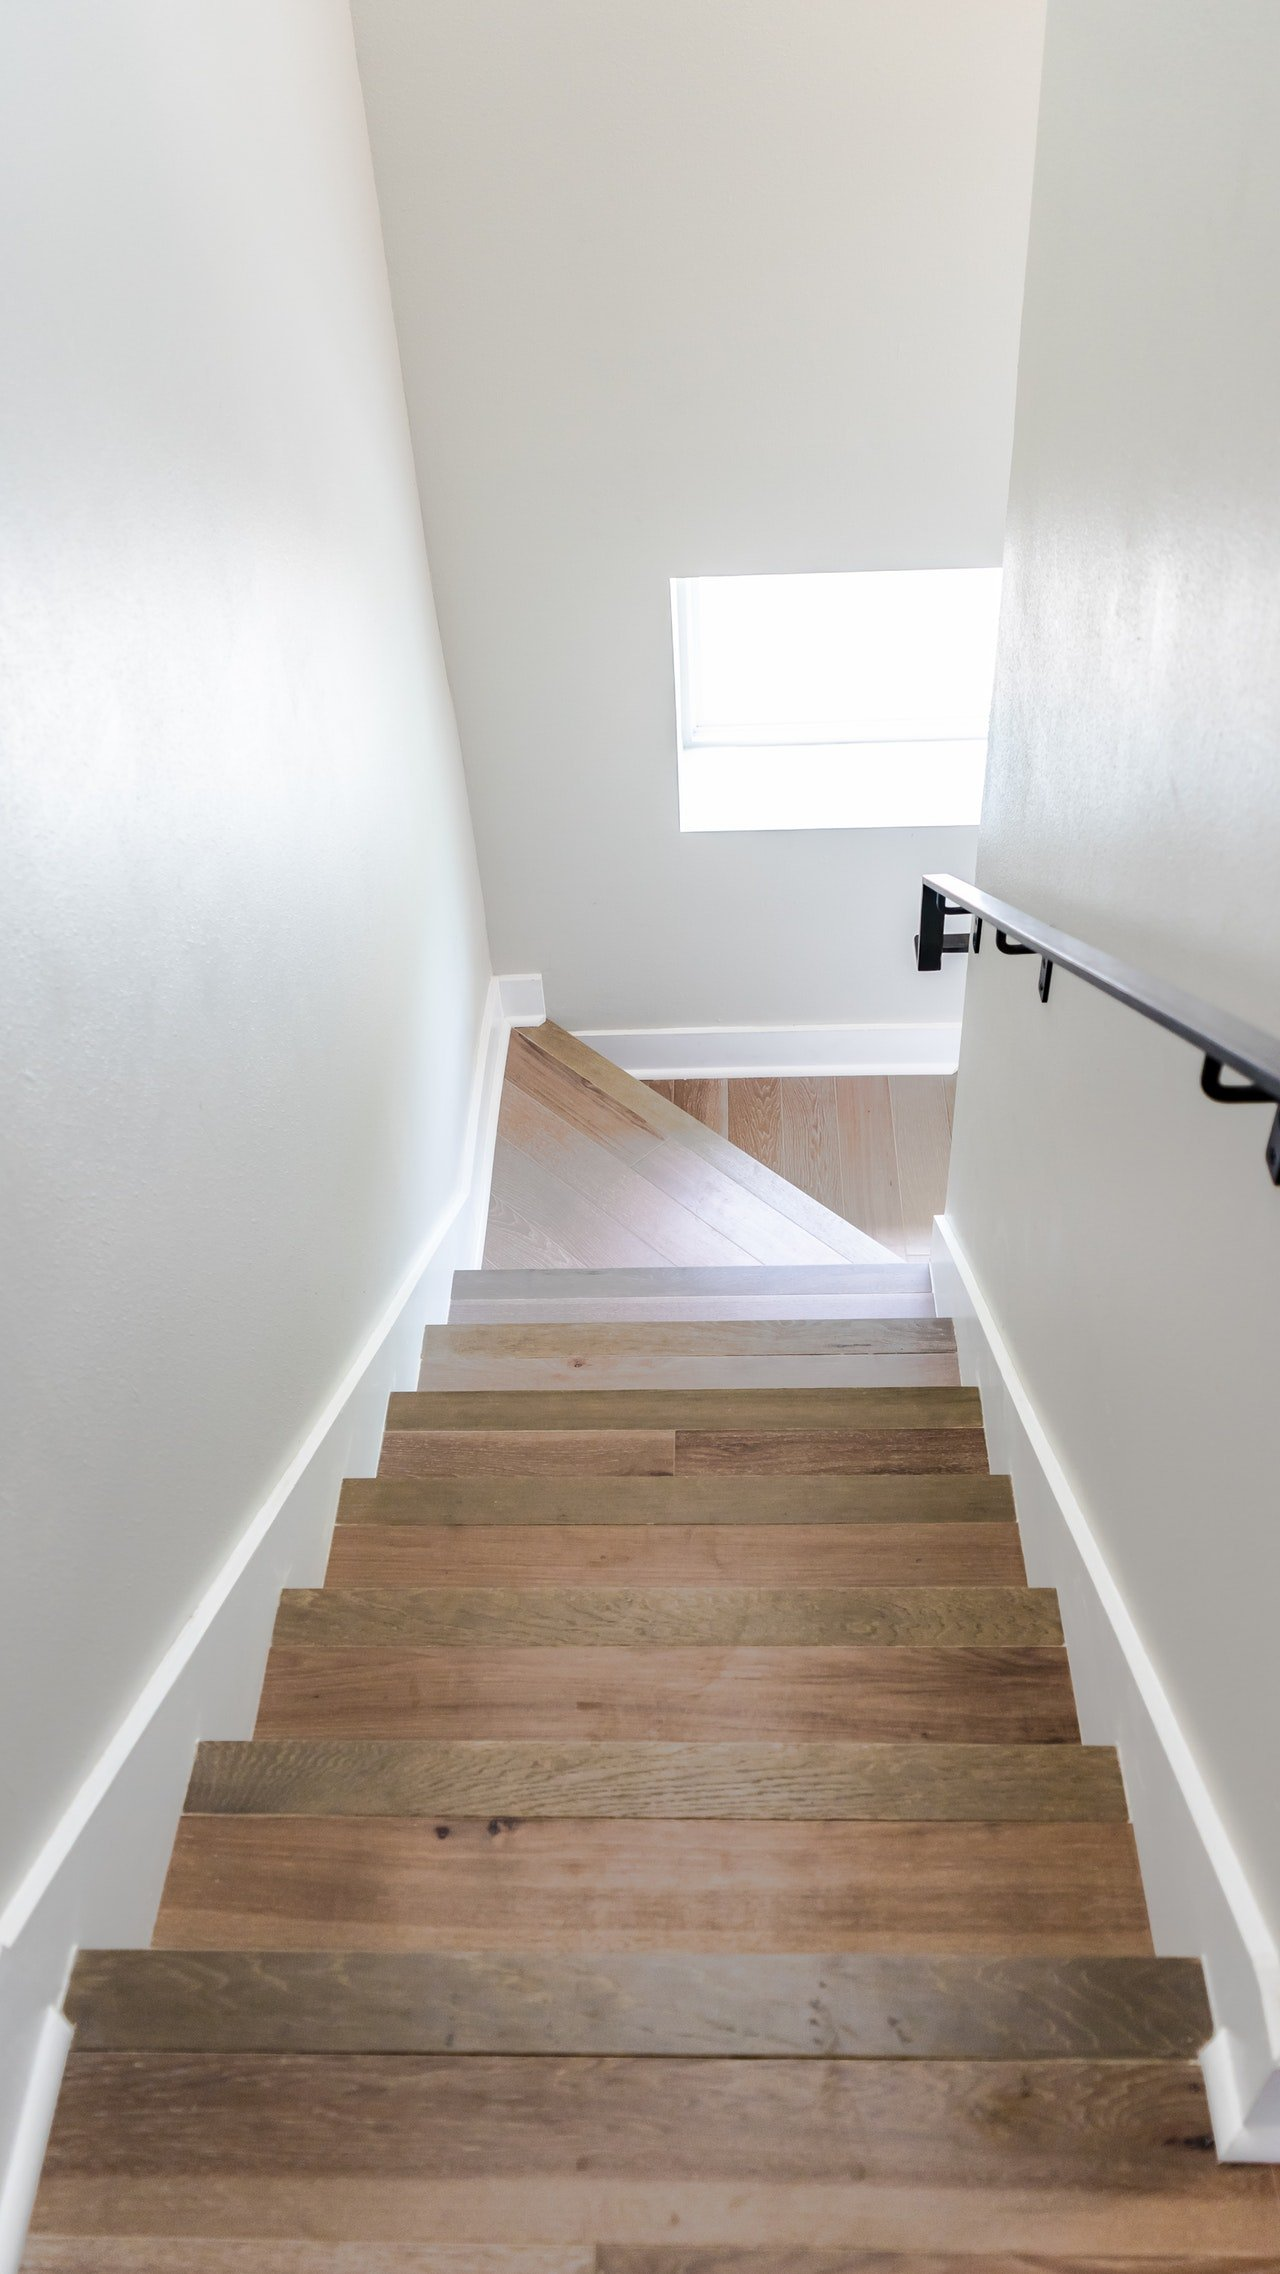 wat kost een vaste trap naar de zolder homedeal